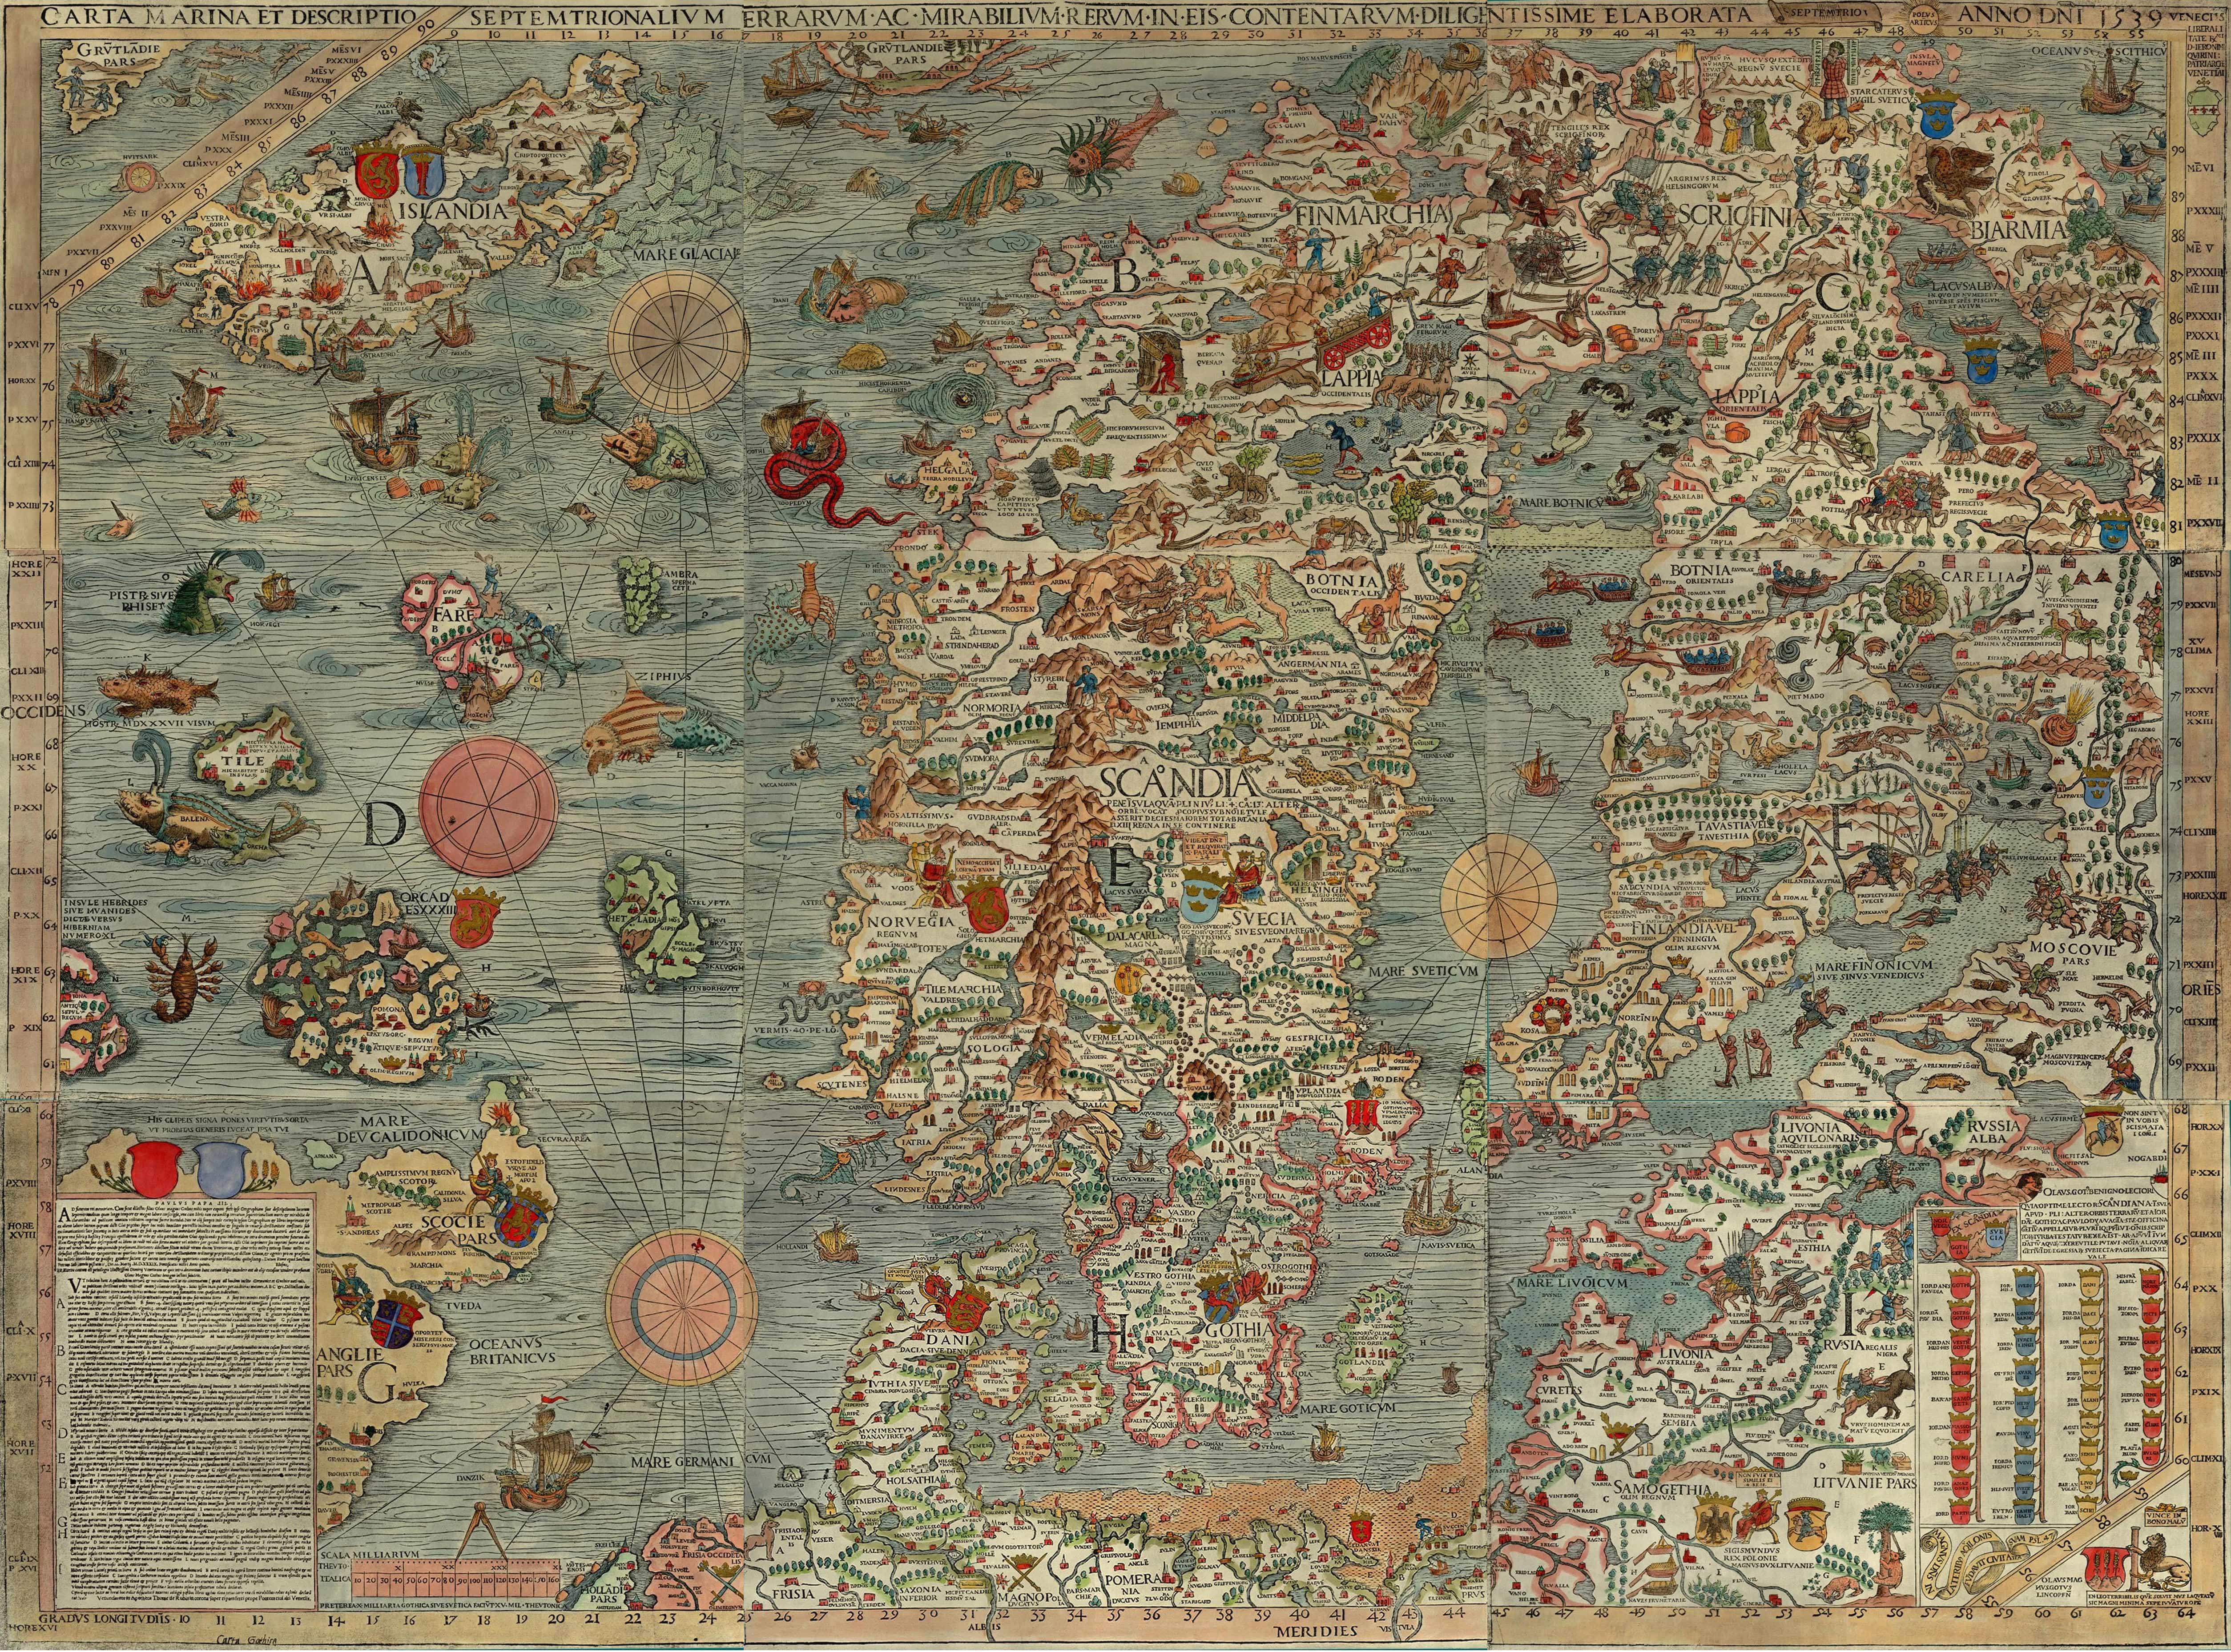 Carta Marina 1539: Olaus Magnus Map of Scandinavia